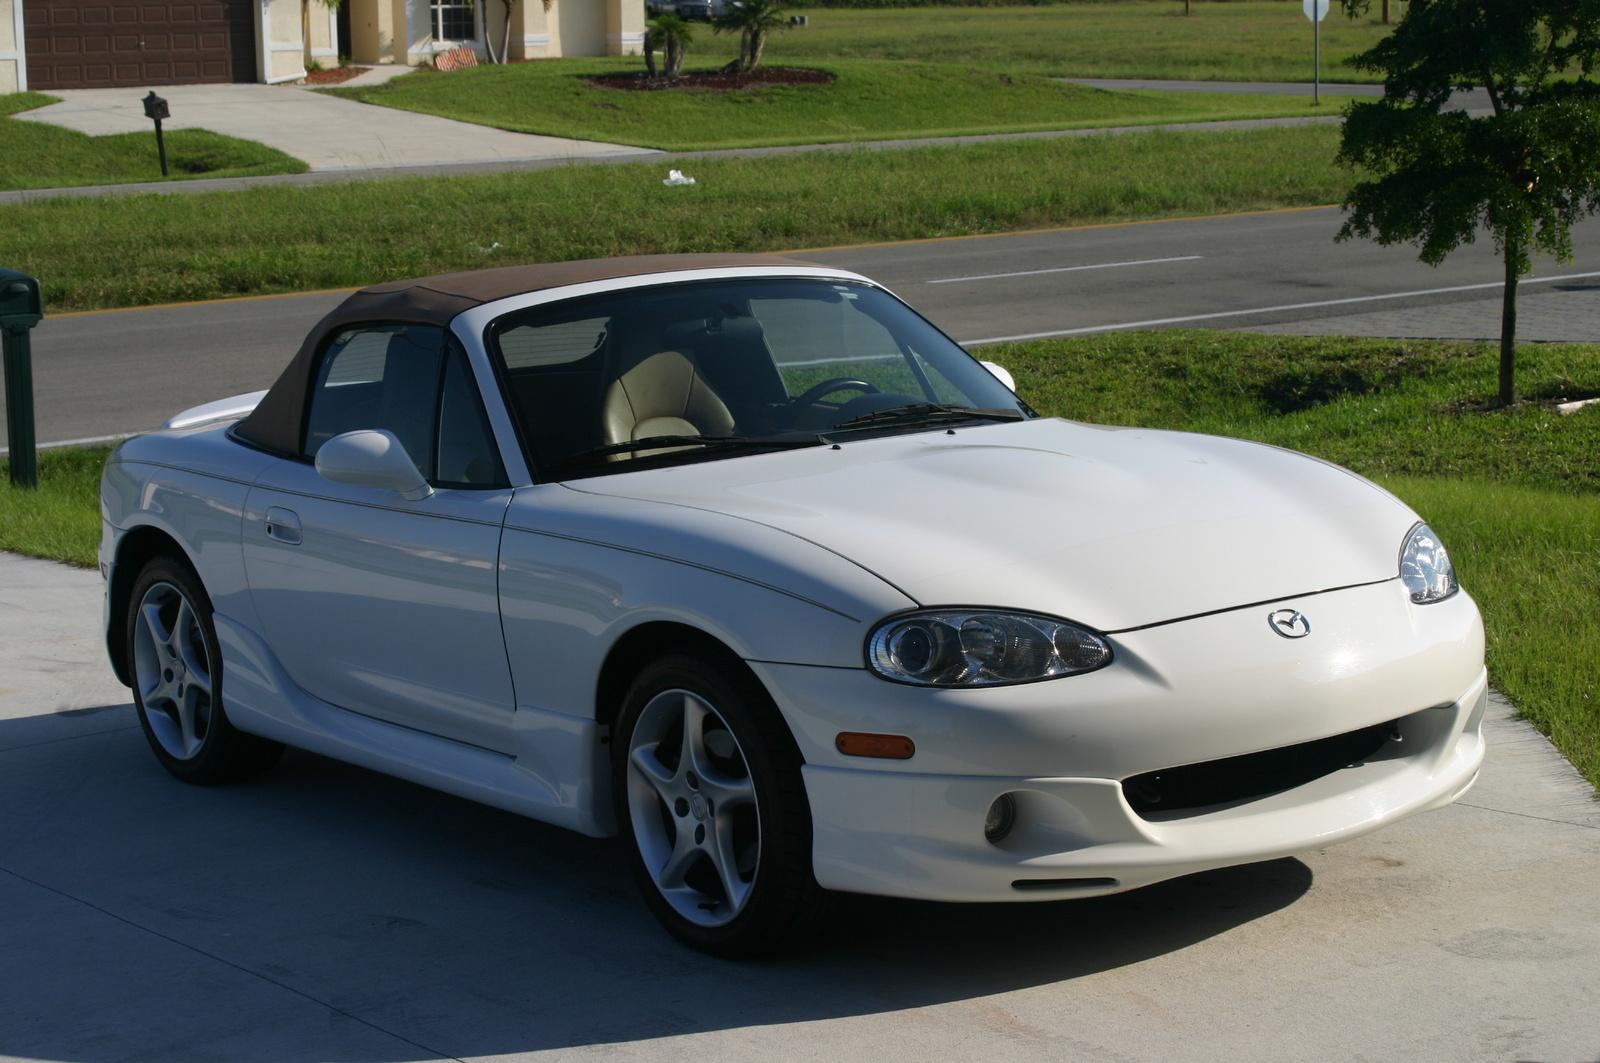 2001 Mazda Mx 5 Miata Pictures Cargurus